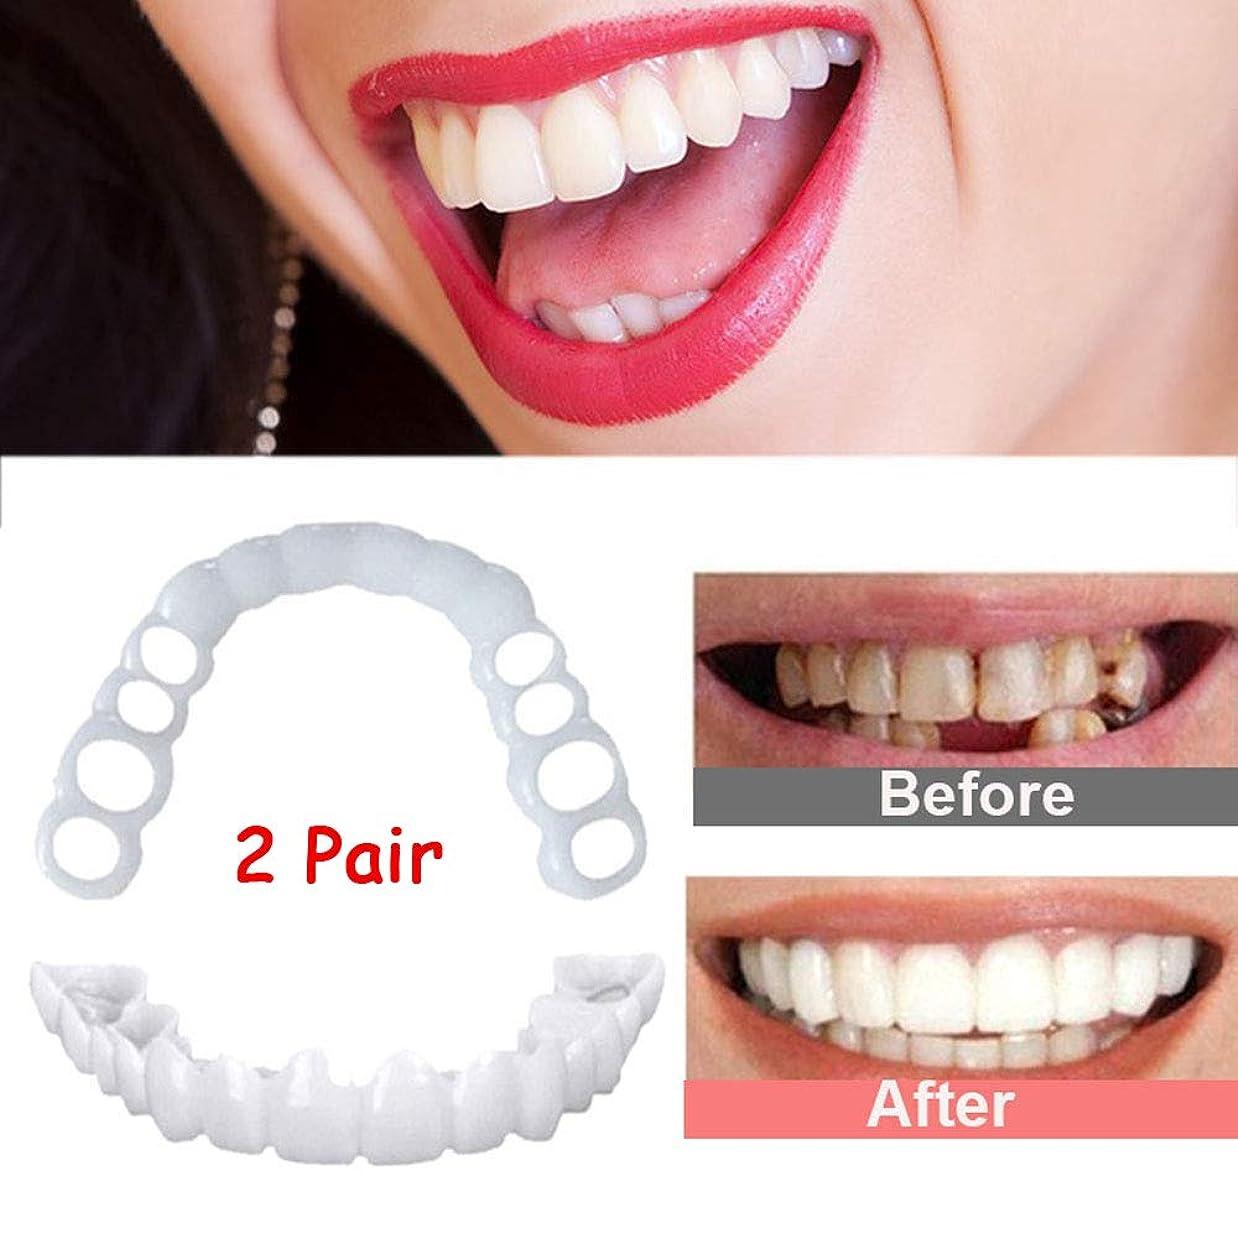 ワンダーフィードオン家主パーフェクトスマイルの2ペアの再利用可能なスナップが数分でホワイトニング義歯フィットフレックス化粧品の歯快適なベニヤカバーデンタルケアアクセサリーボックス付き